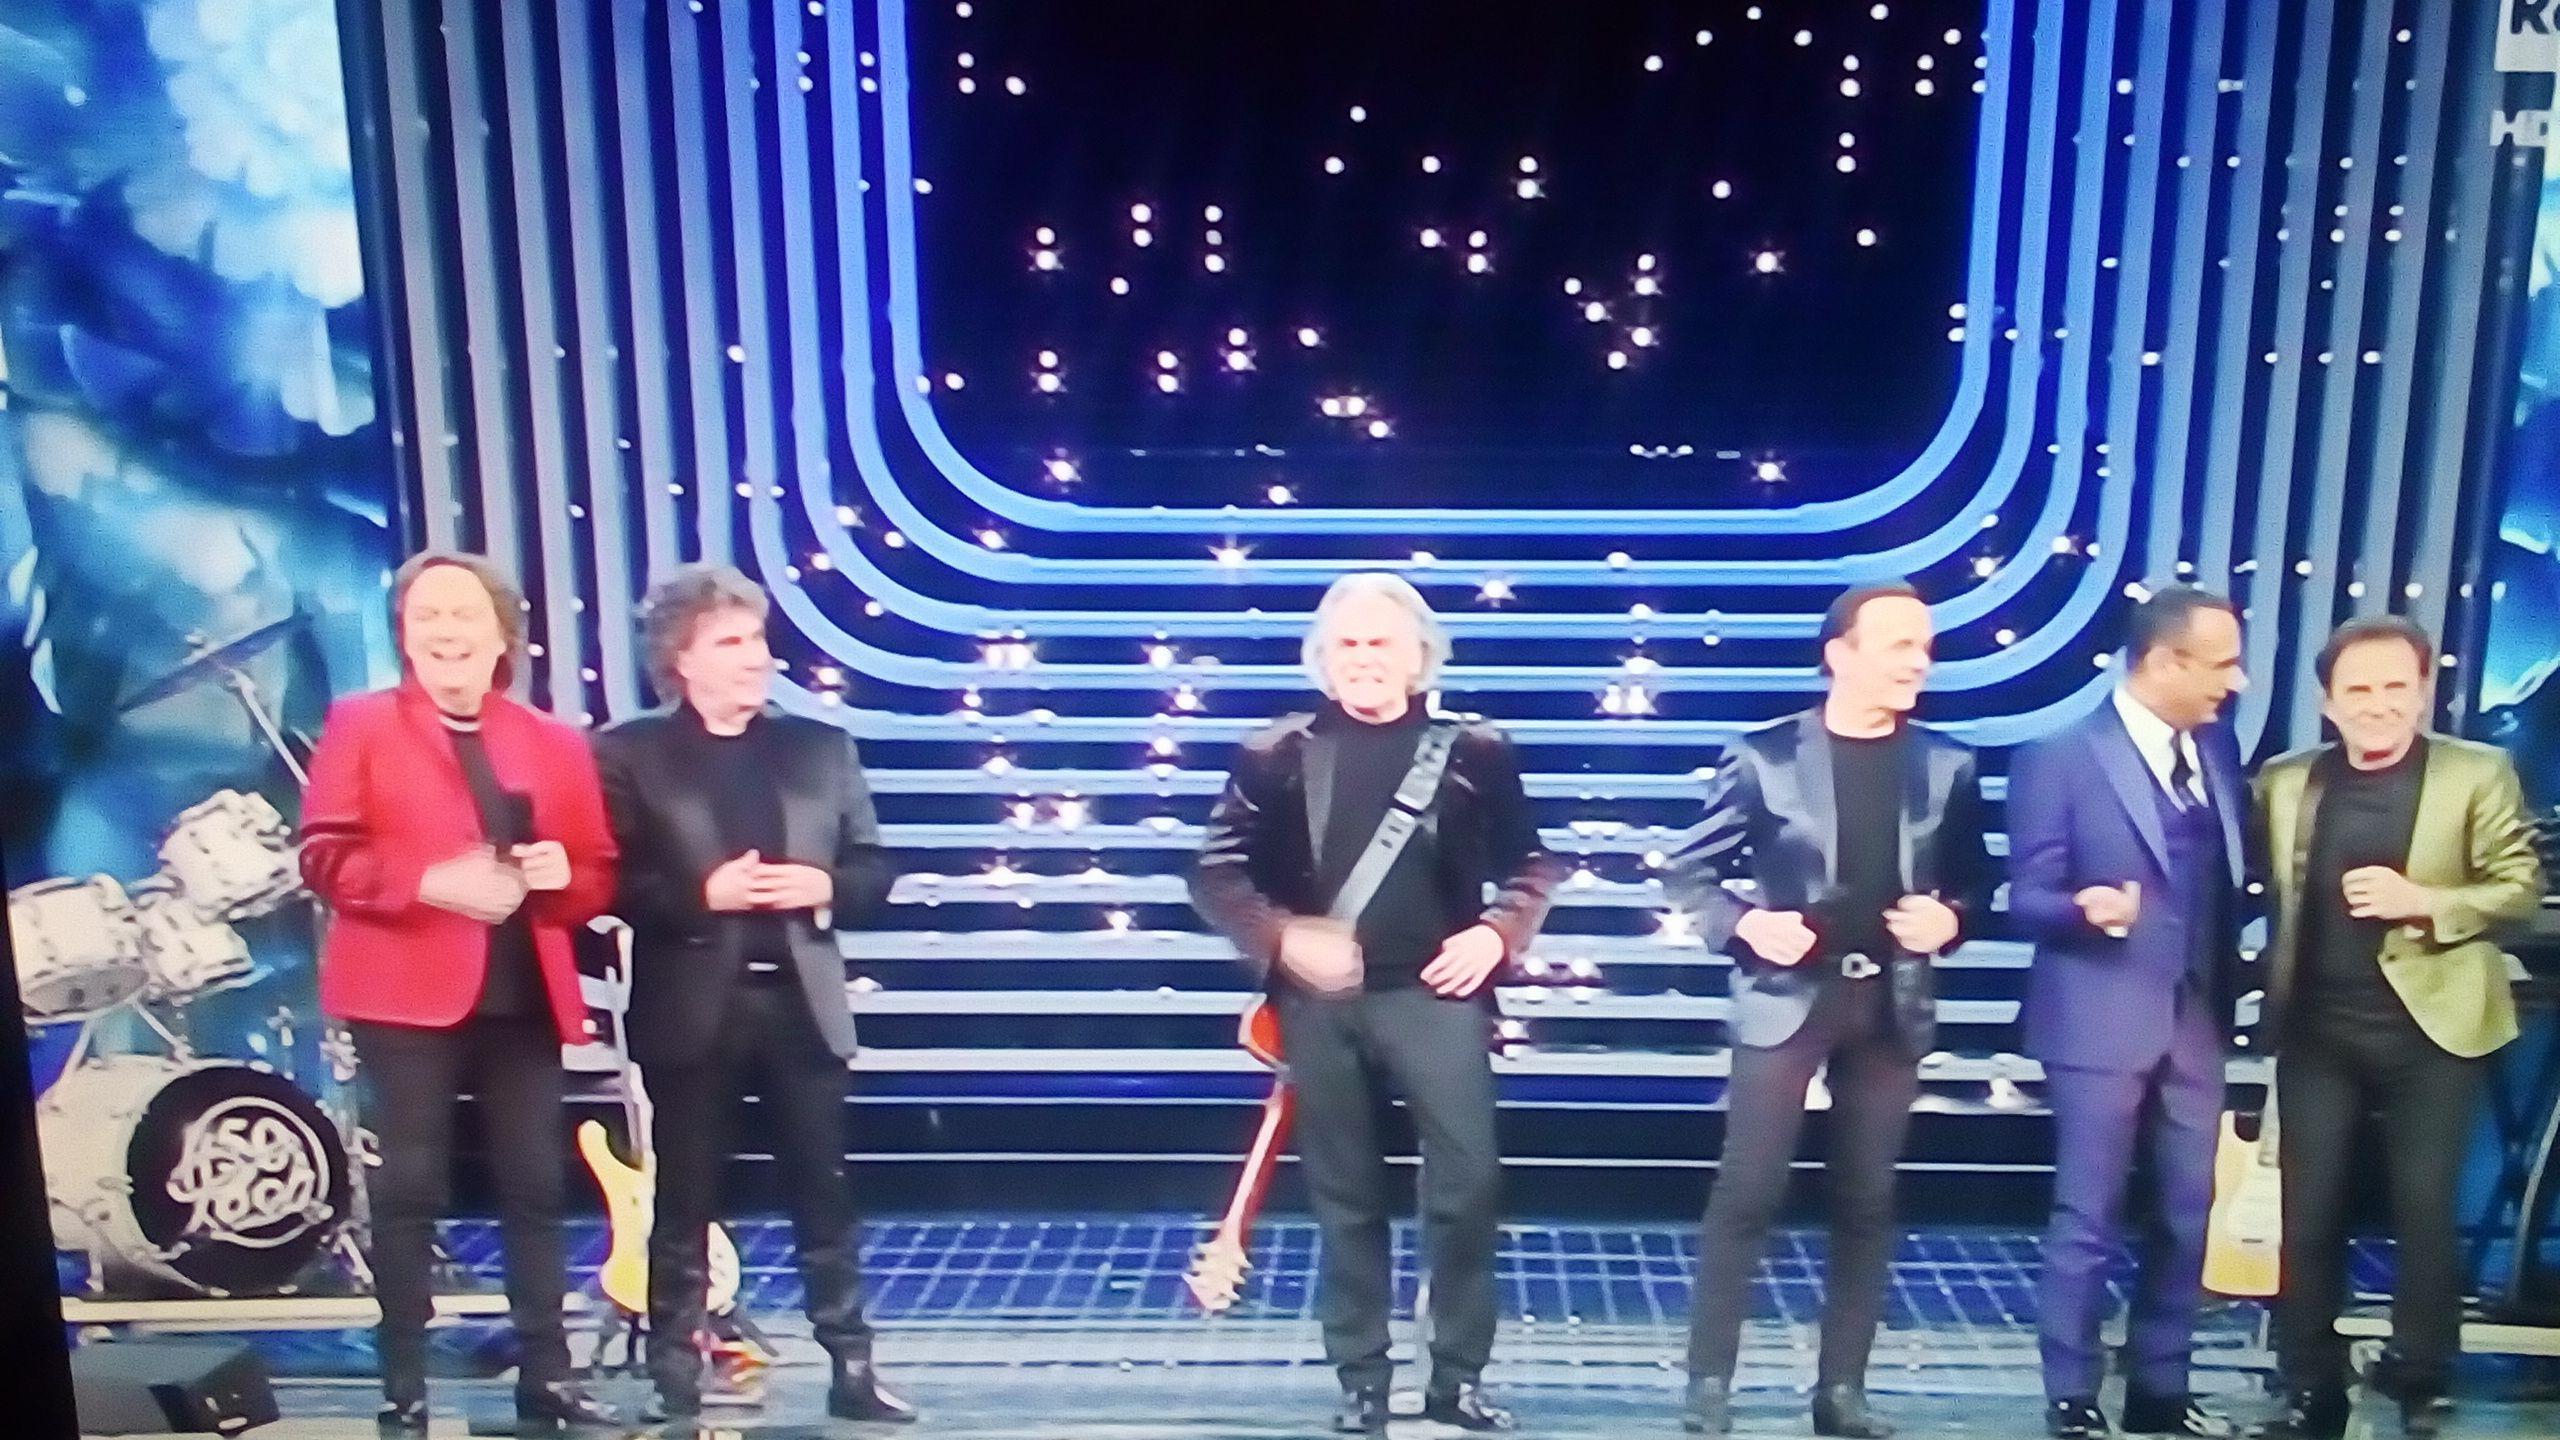 I Pooh a Sanremo 2016: la reunion con Riccardo Fogli e i più grandi successi della band